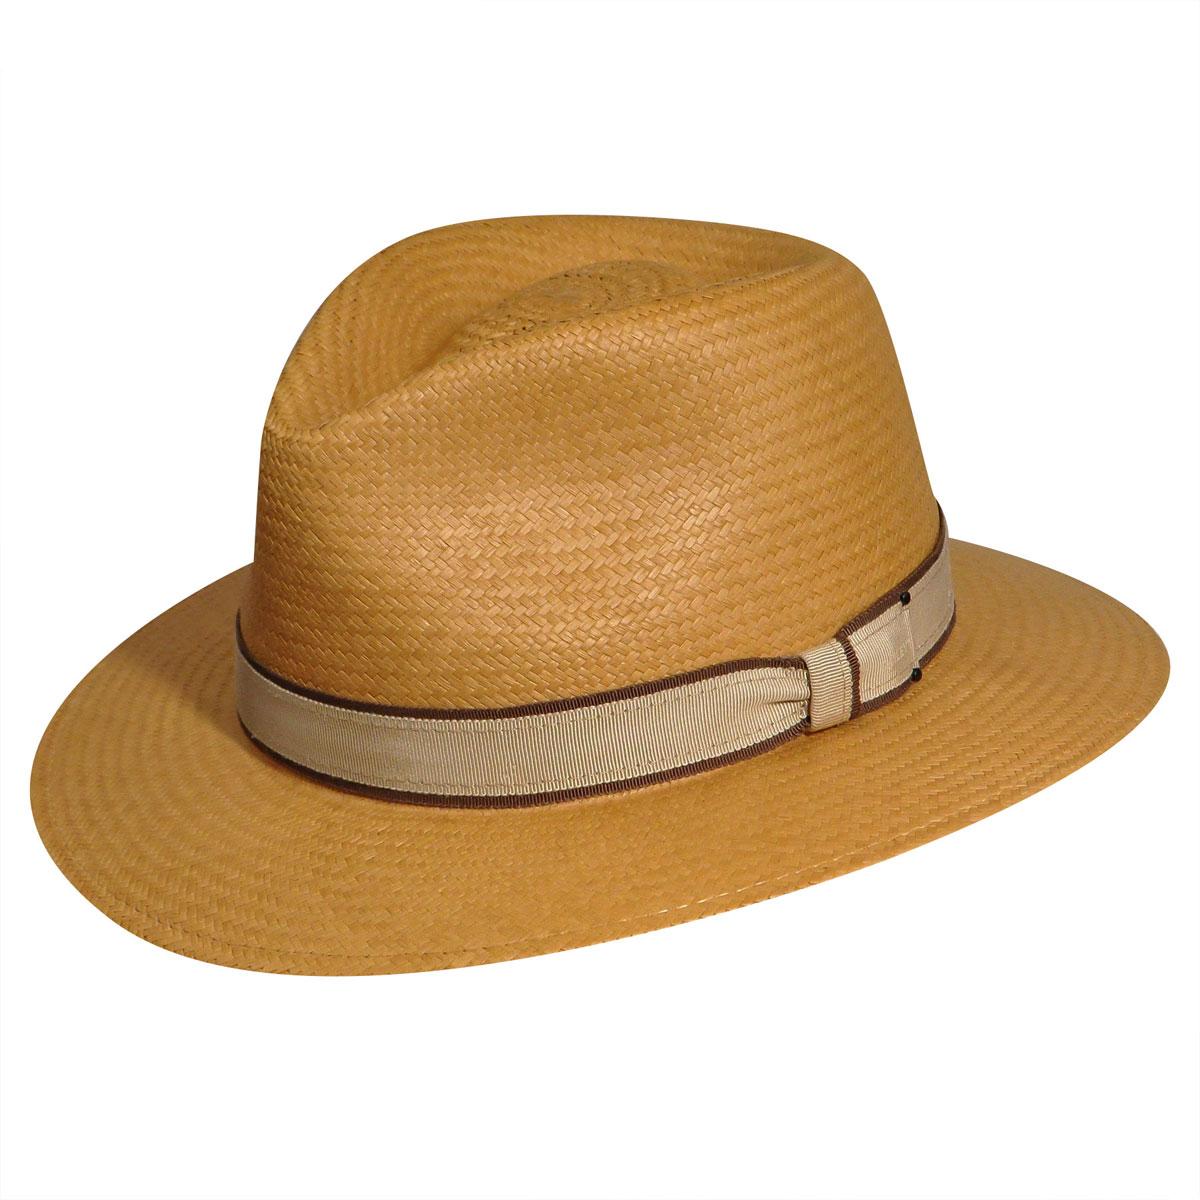 6c714988aff86 Bailey of Hollywood Brooks Panama Fedora XL 100 Straw Honey